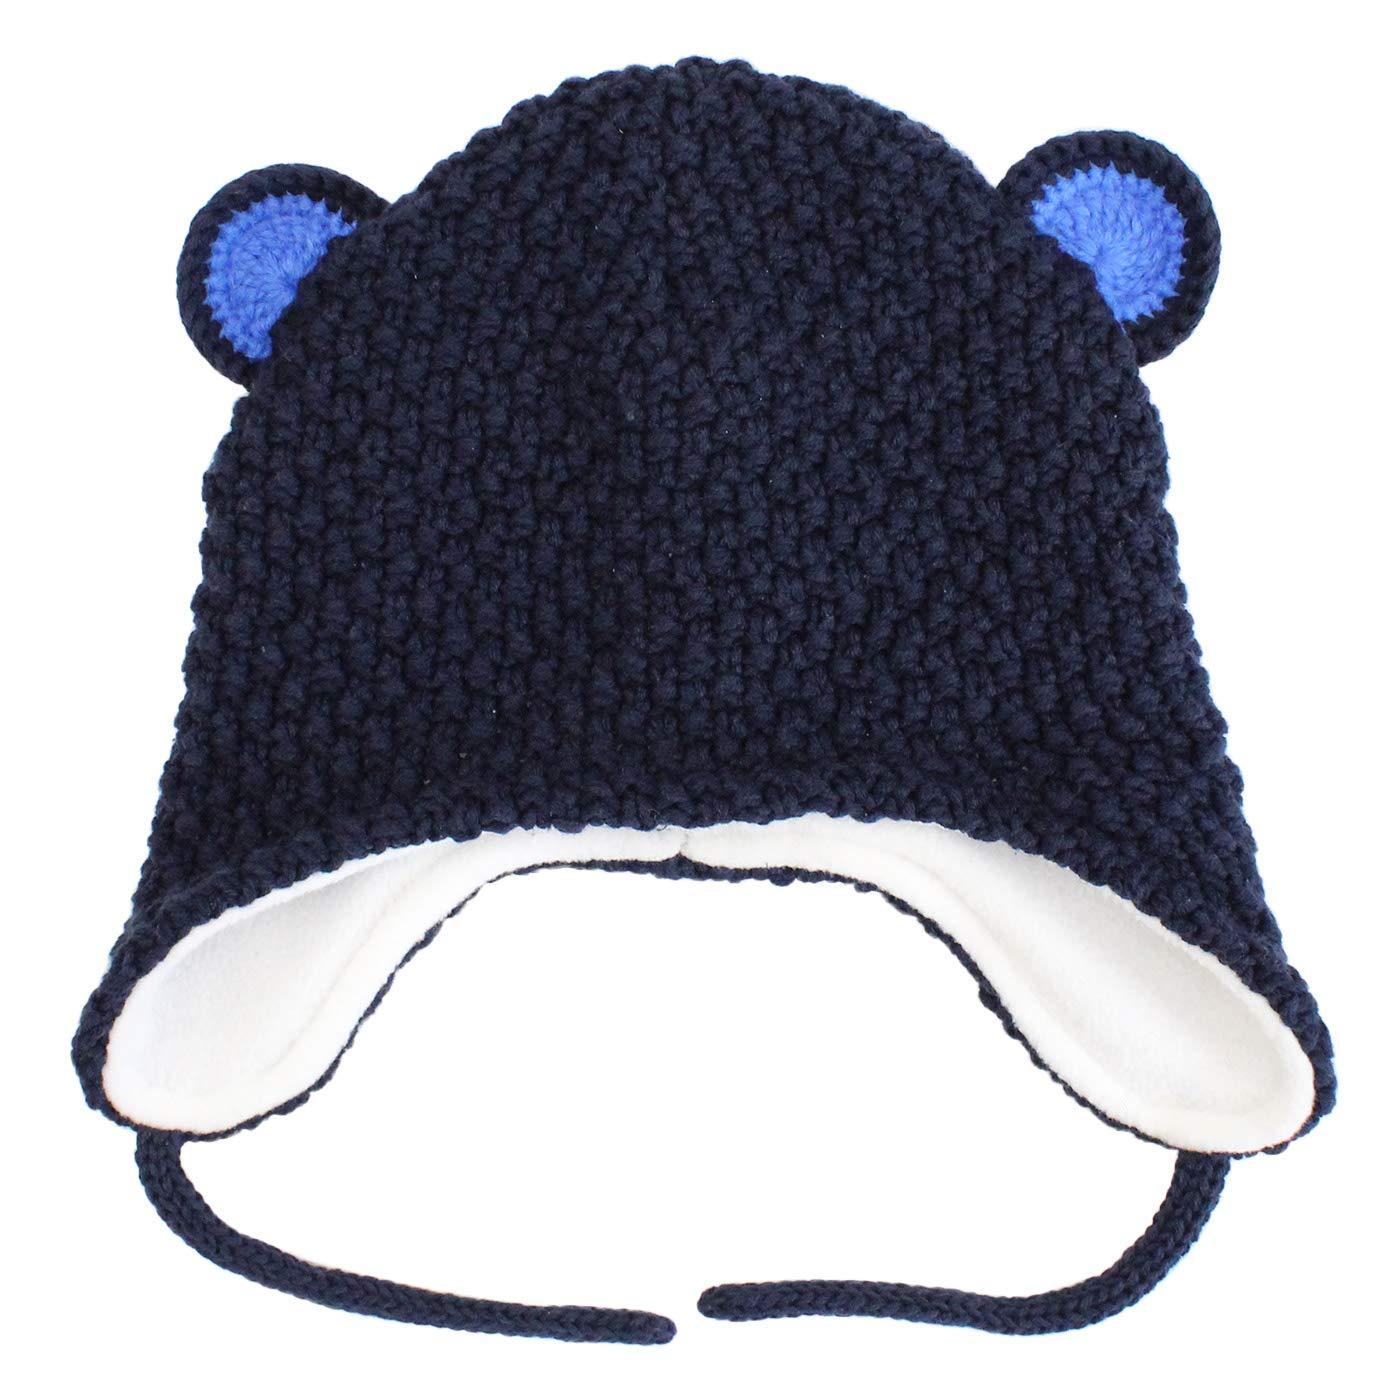 Langzhen Bébé Bonnet Enfants Protection Oreille Chapeau d'hiver Doux Chaud Bonnet Tricoté